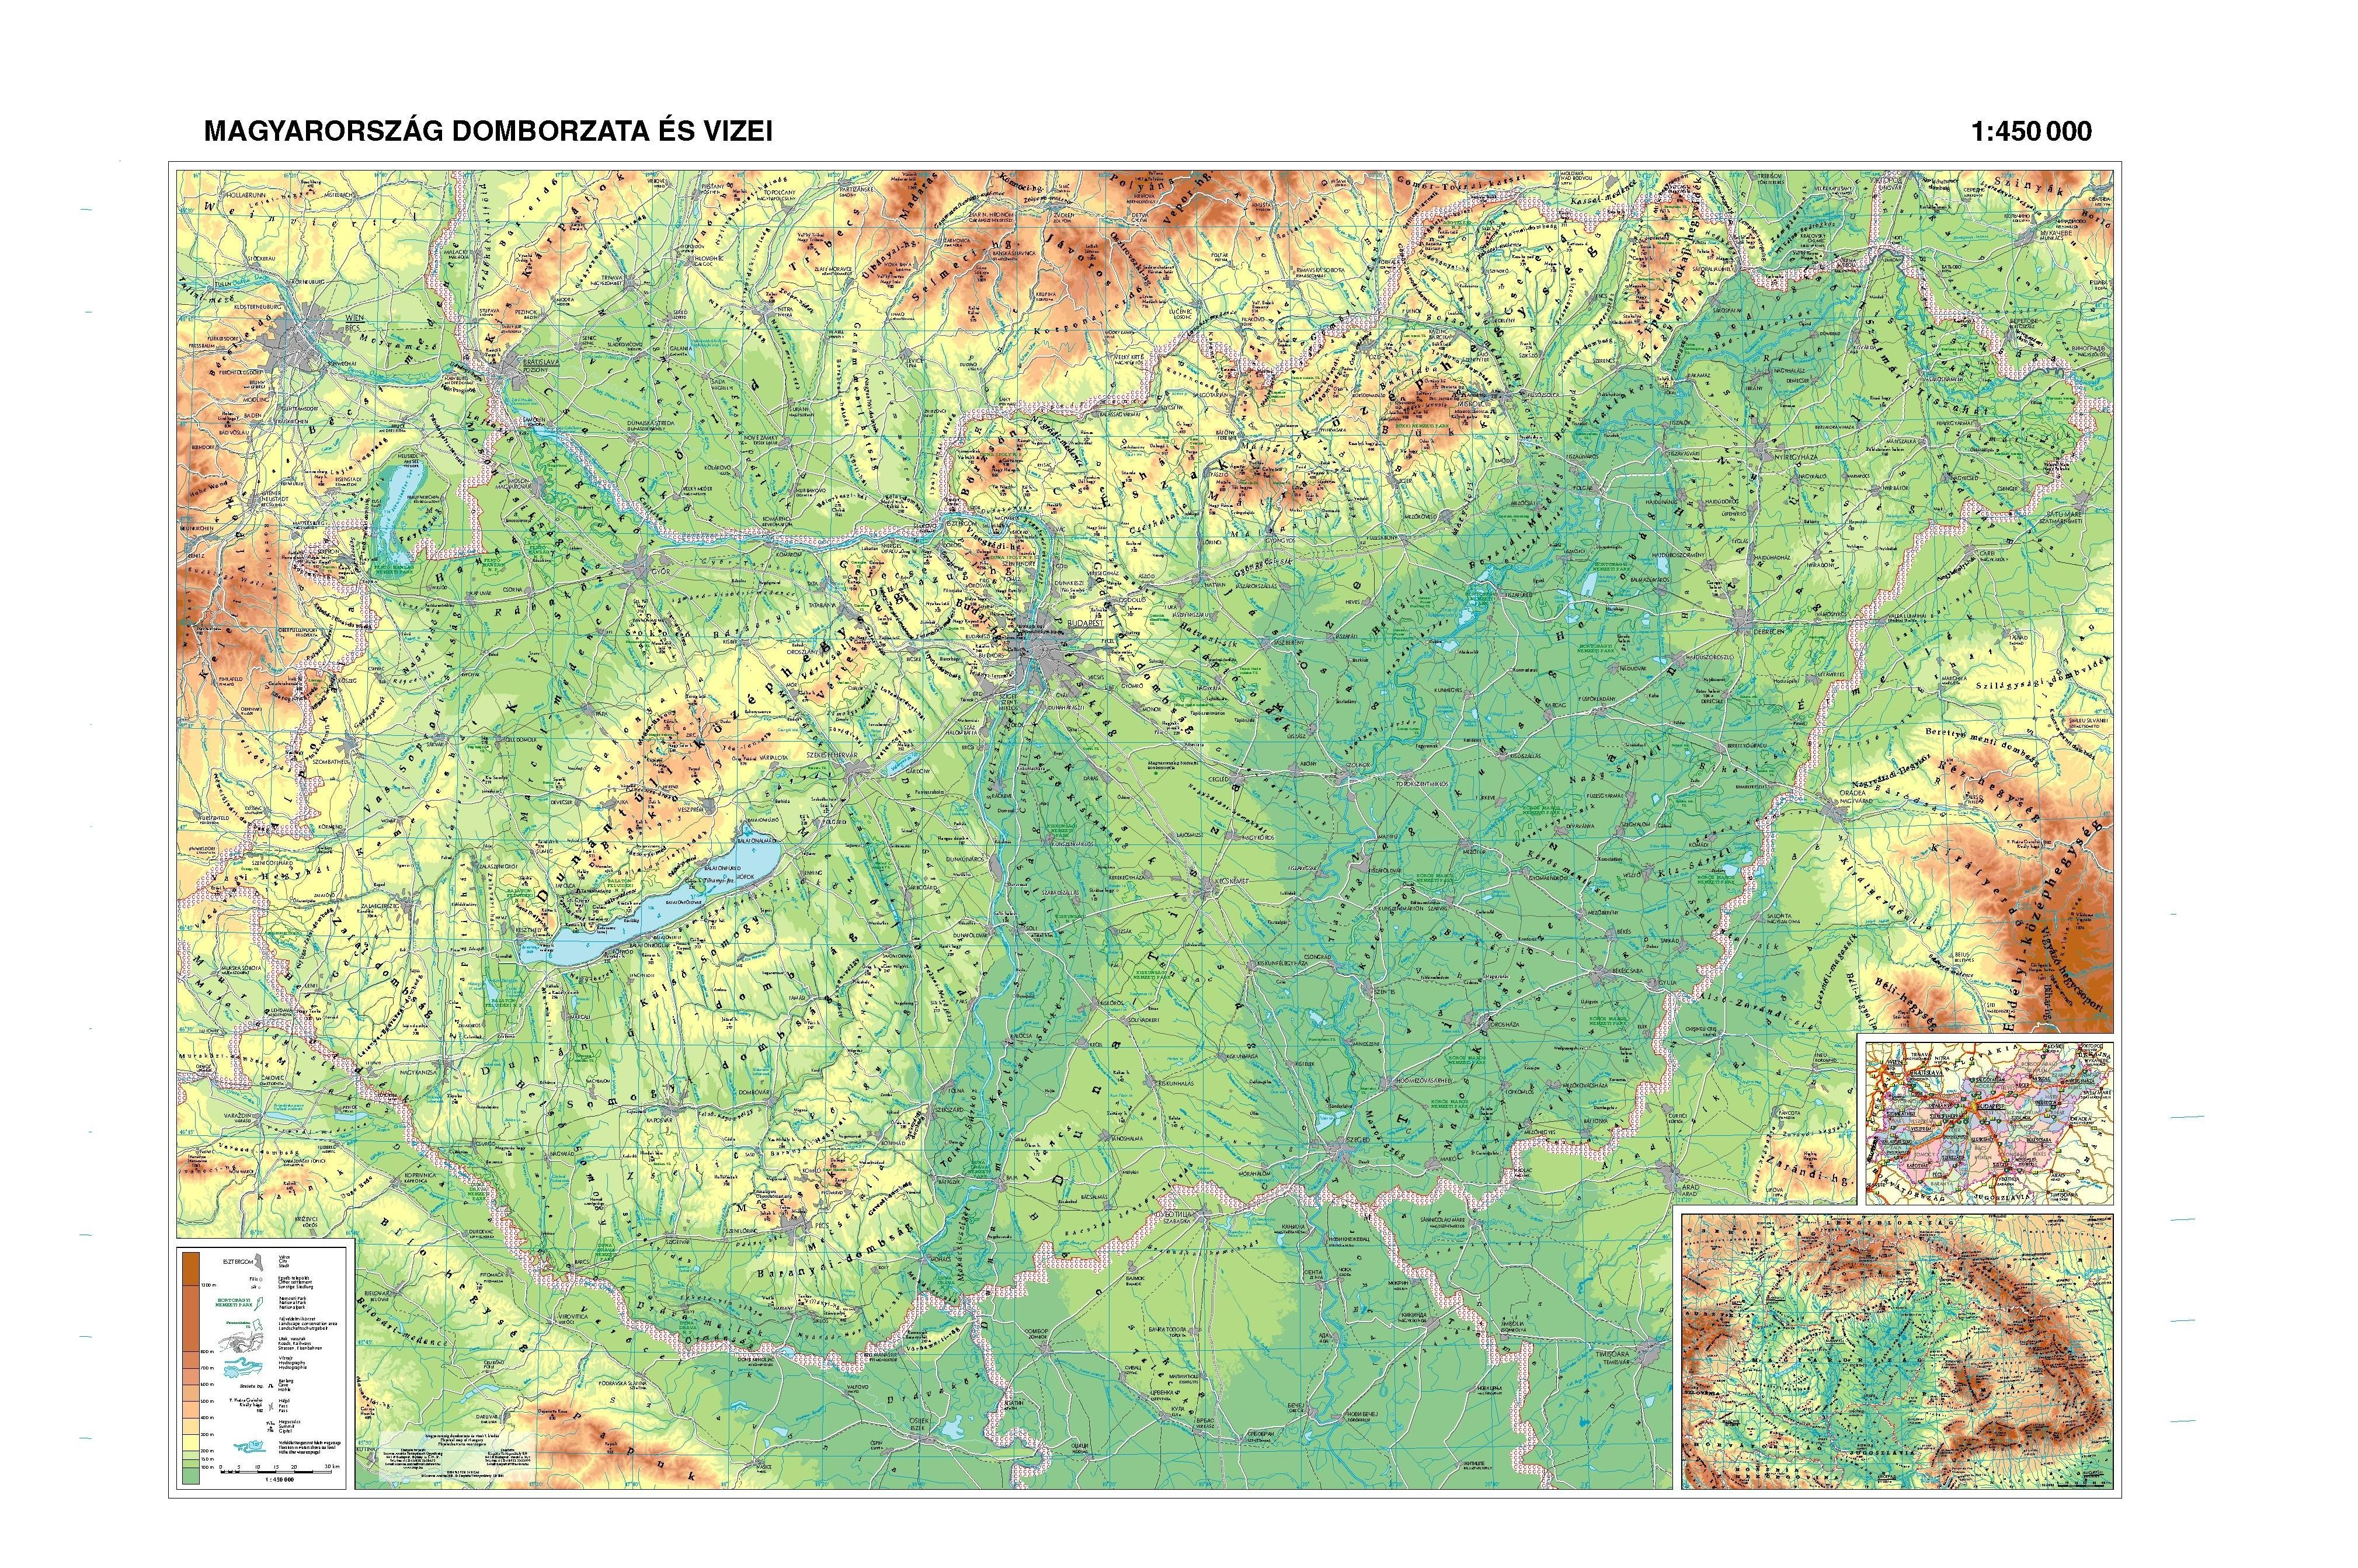 tengerszint feletti magasság térkép http://.hibernia.hu/falit/mo_domb. | Környezetismeret  tengerszint feletti magasság térkép